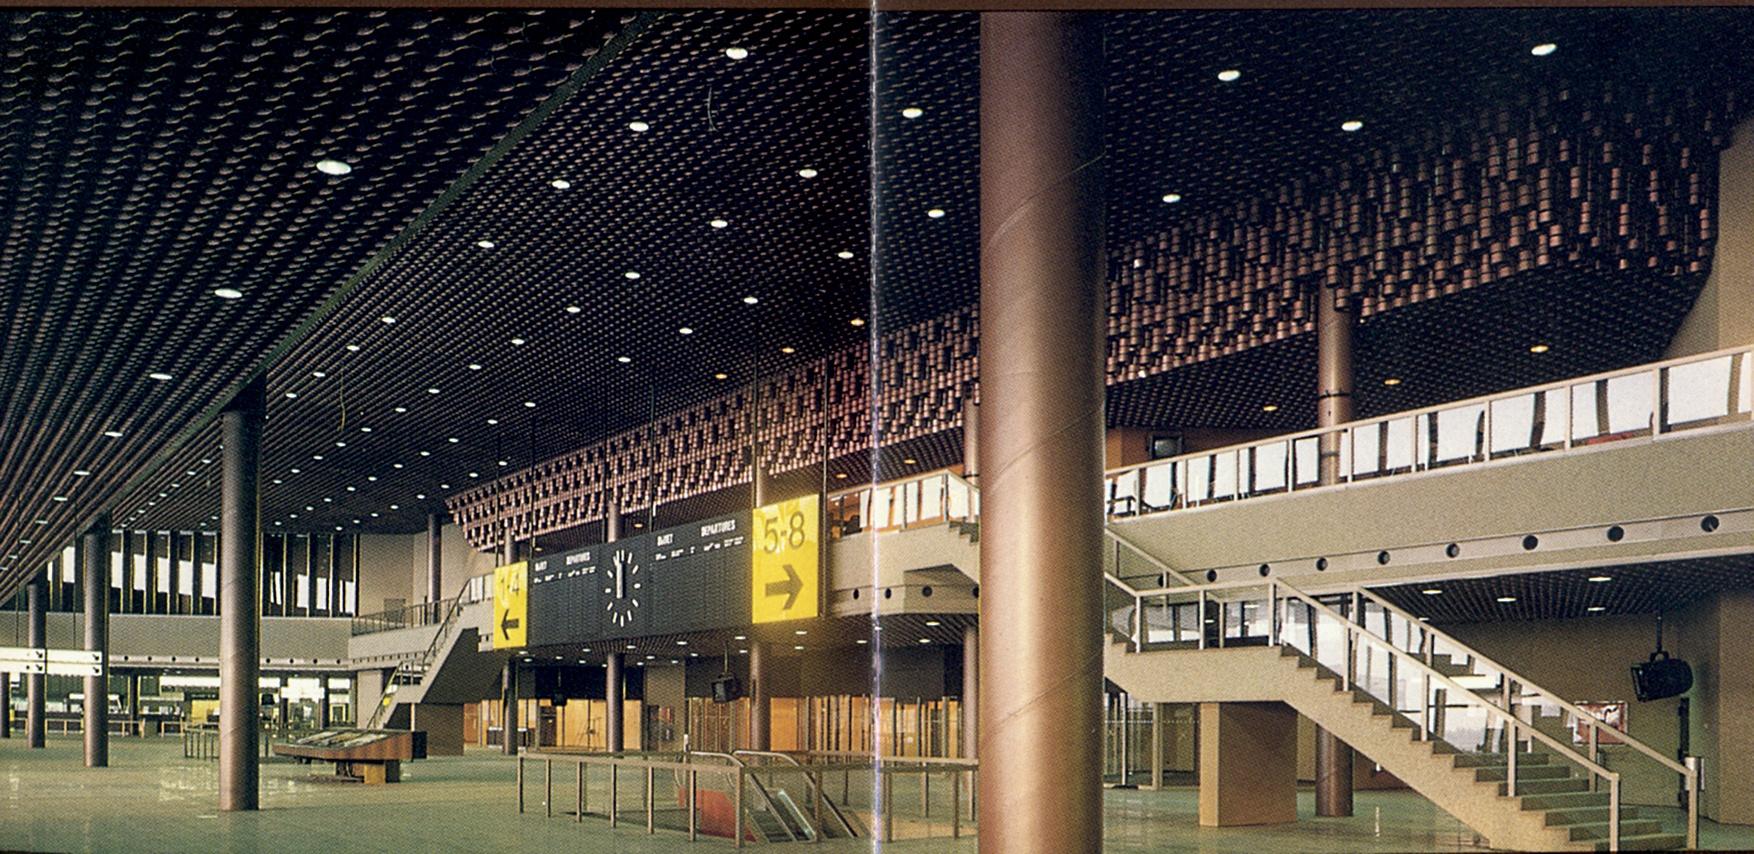 1980. Аэропорт «Шереметьево-2». Внутренний интерьер зала вылета